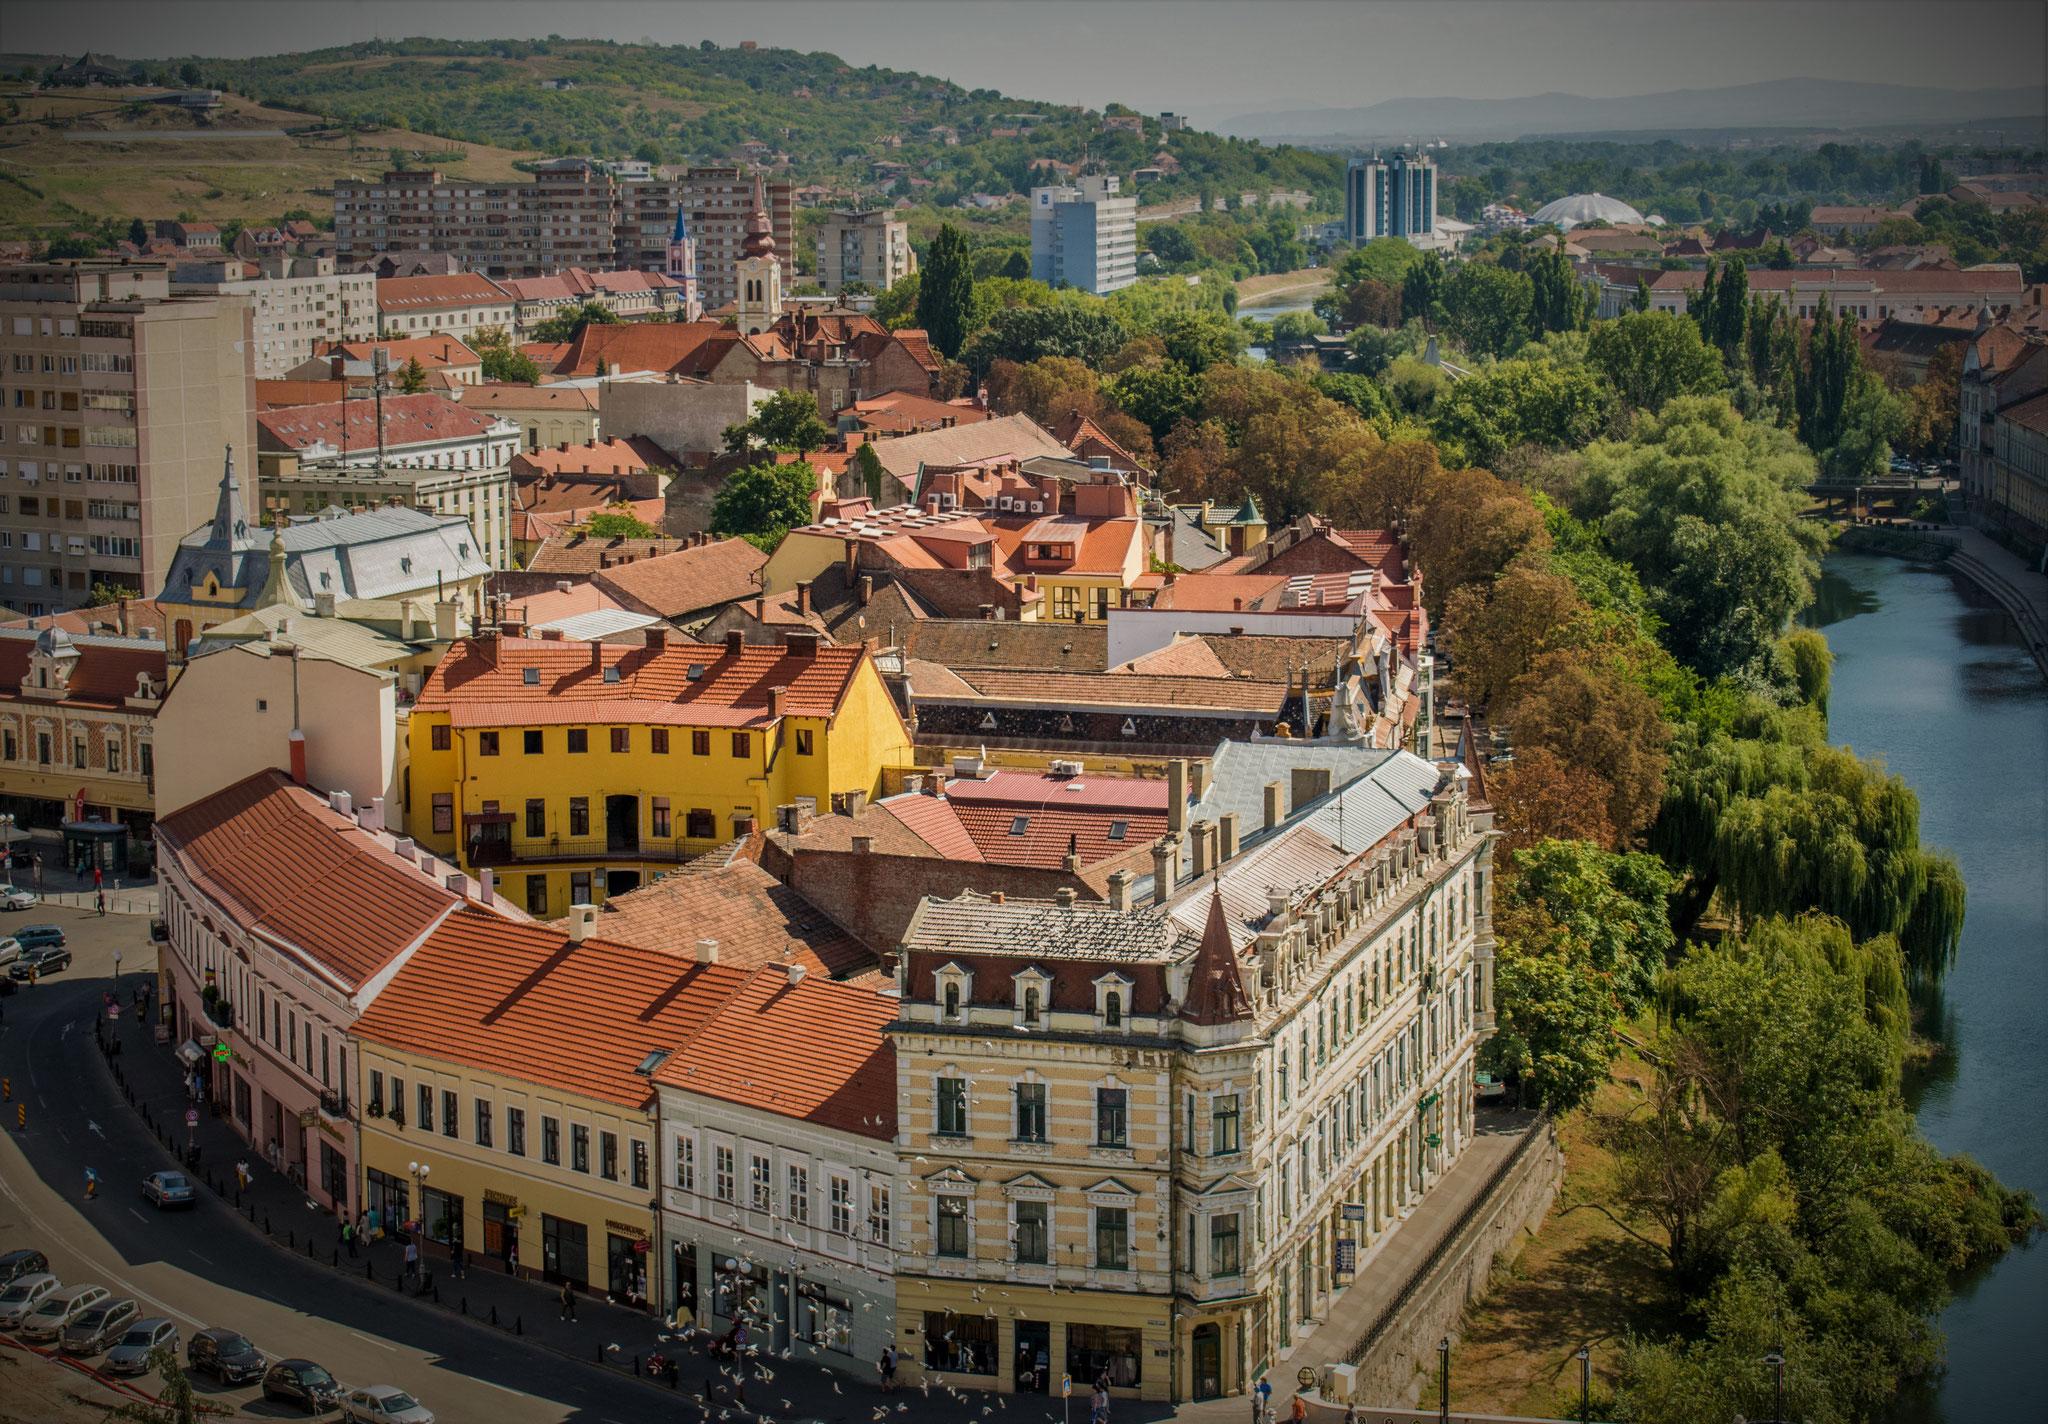 Kovács Orsolya - Oradea/ Nagyvárad (RO)